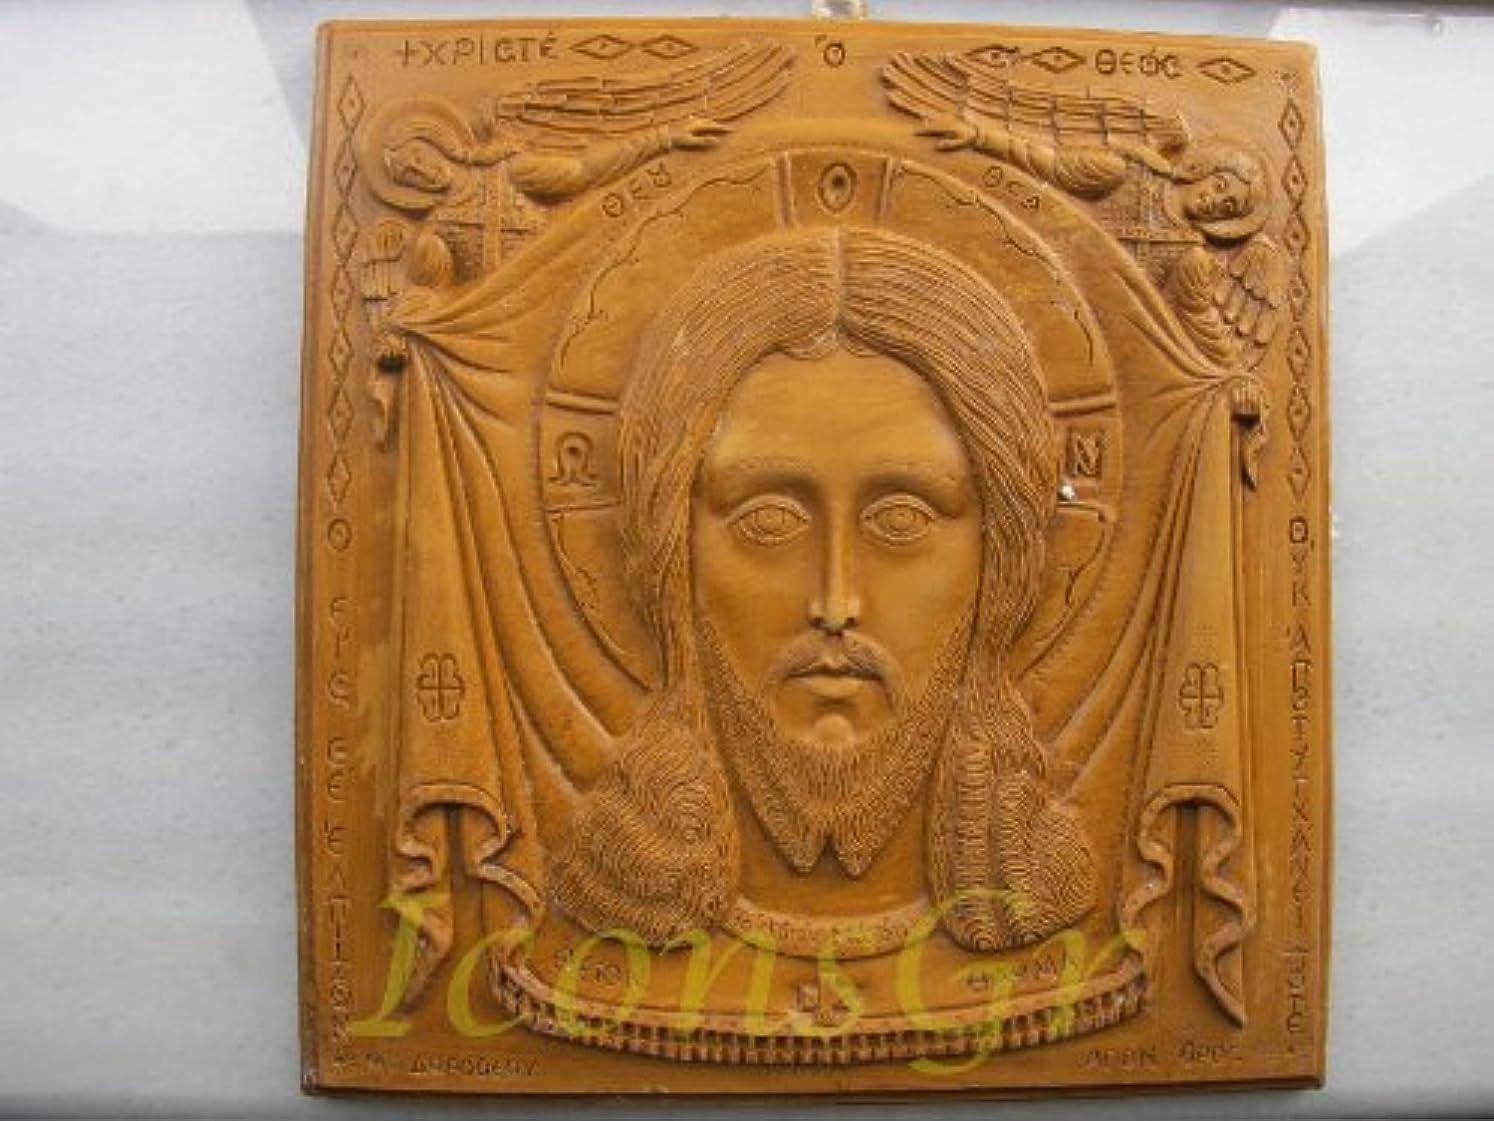 チューブフルート宝石ハンドメイド 彫刻 アロマ ワックス アイコン 神聖なマンディリオンのアトス山からの祝福 122